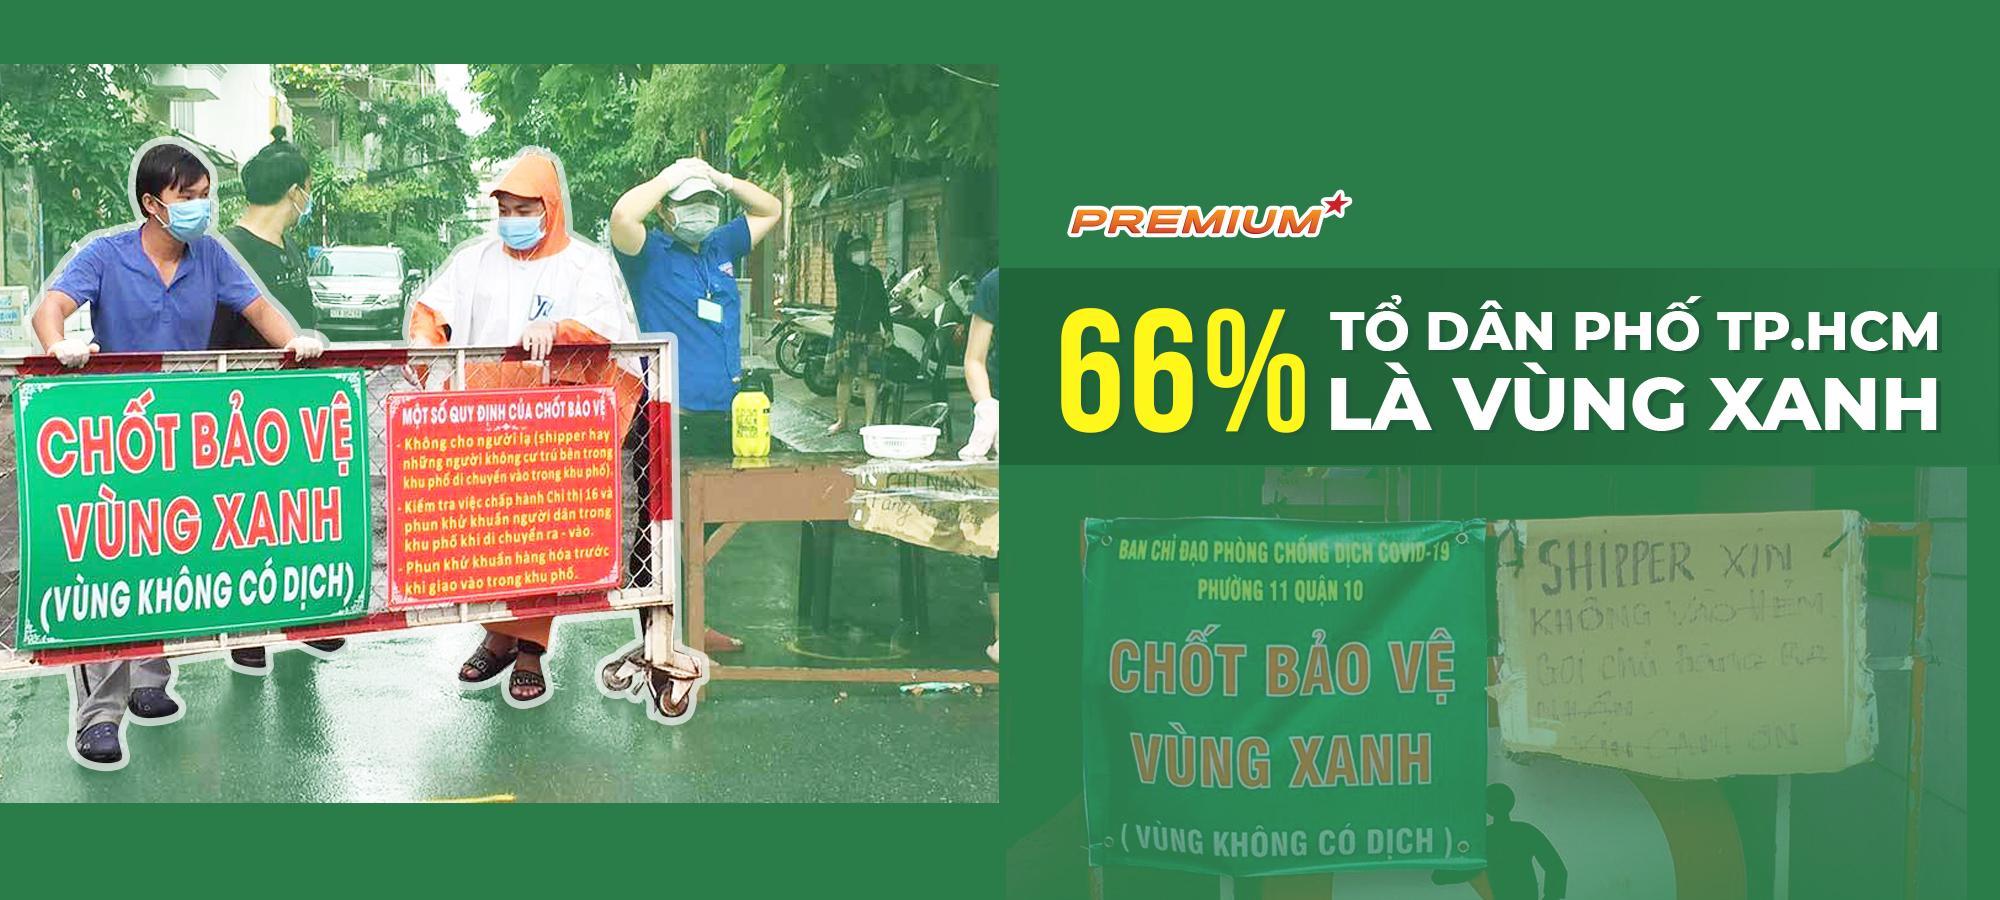 66% tổ dân phố TP.HCM là vùng xanh